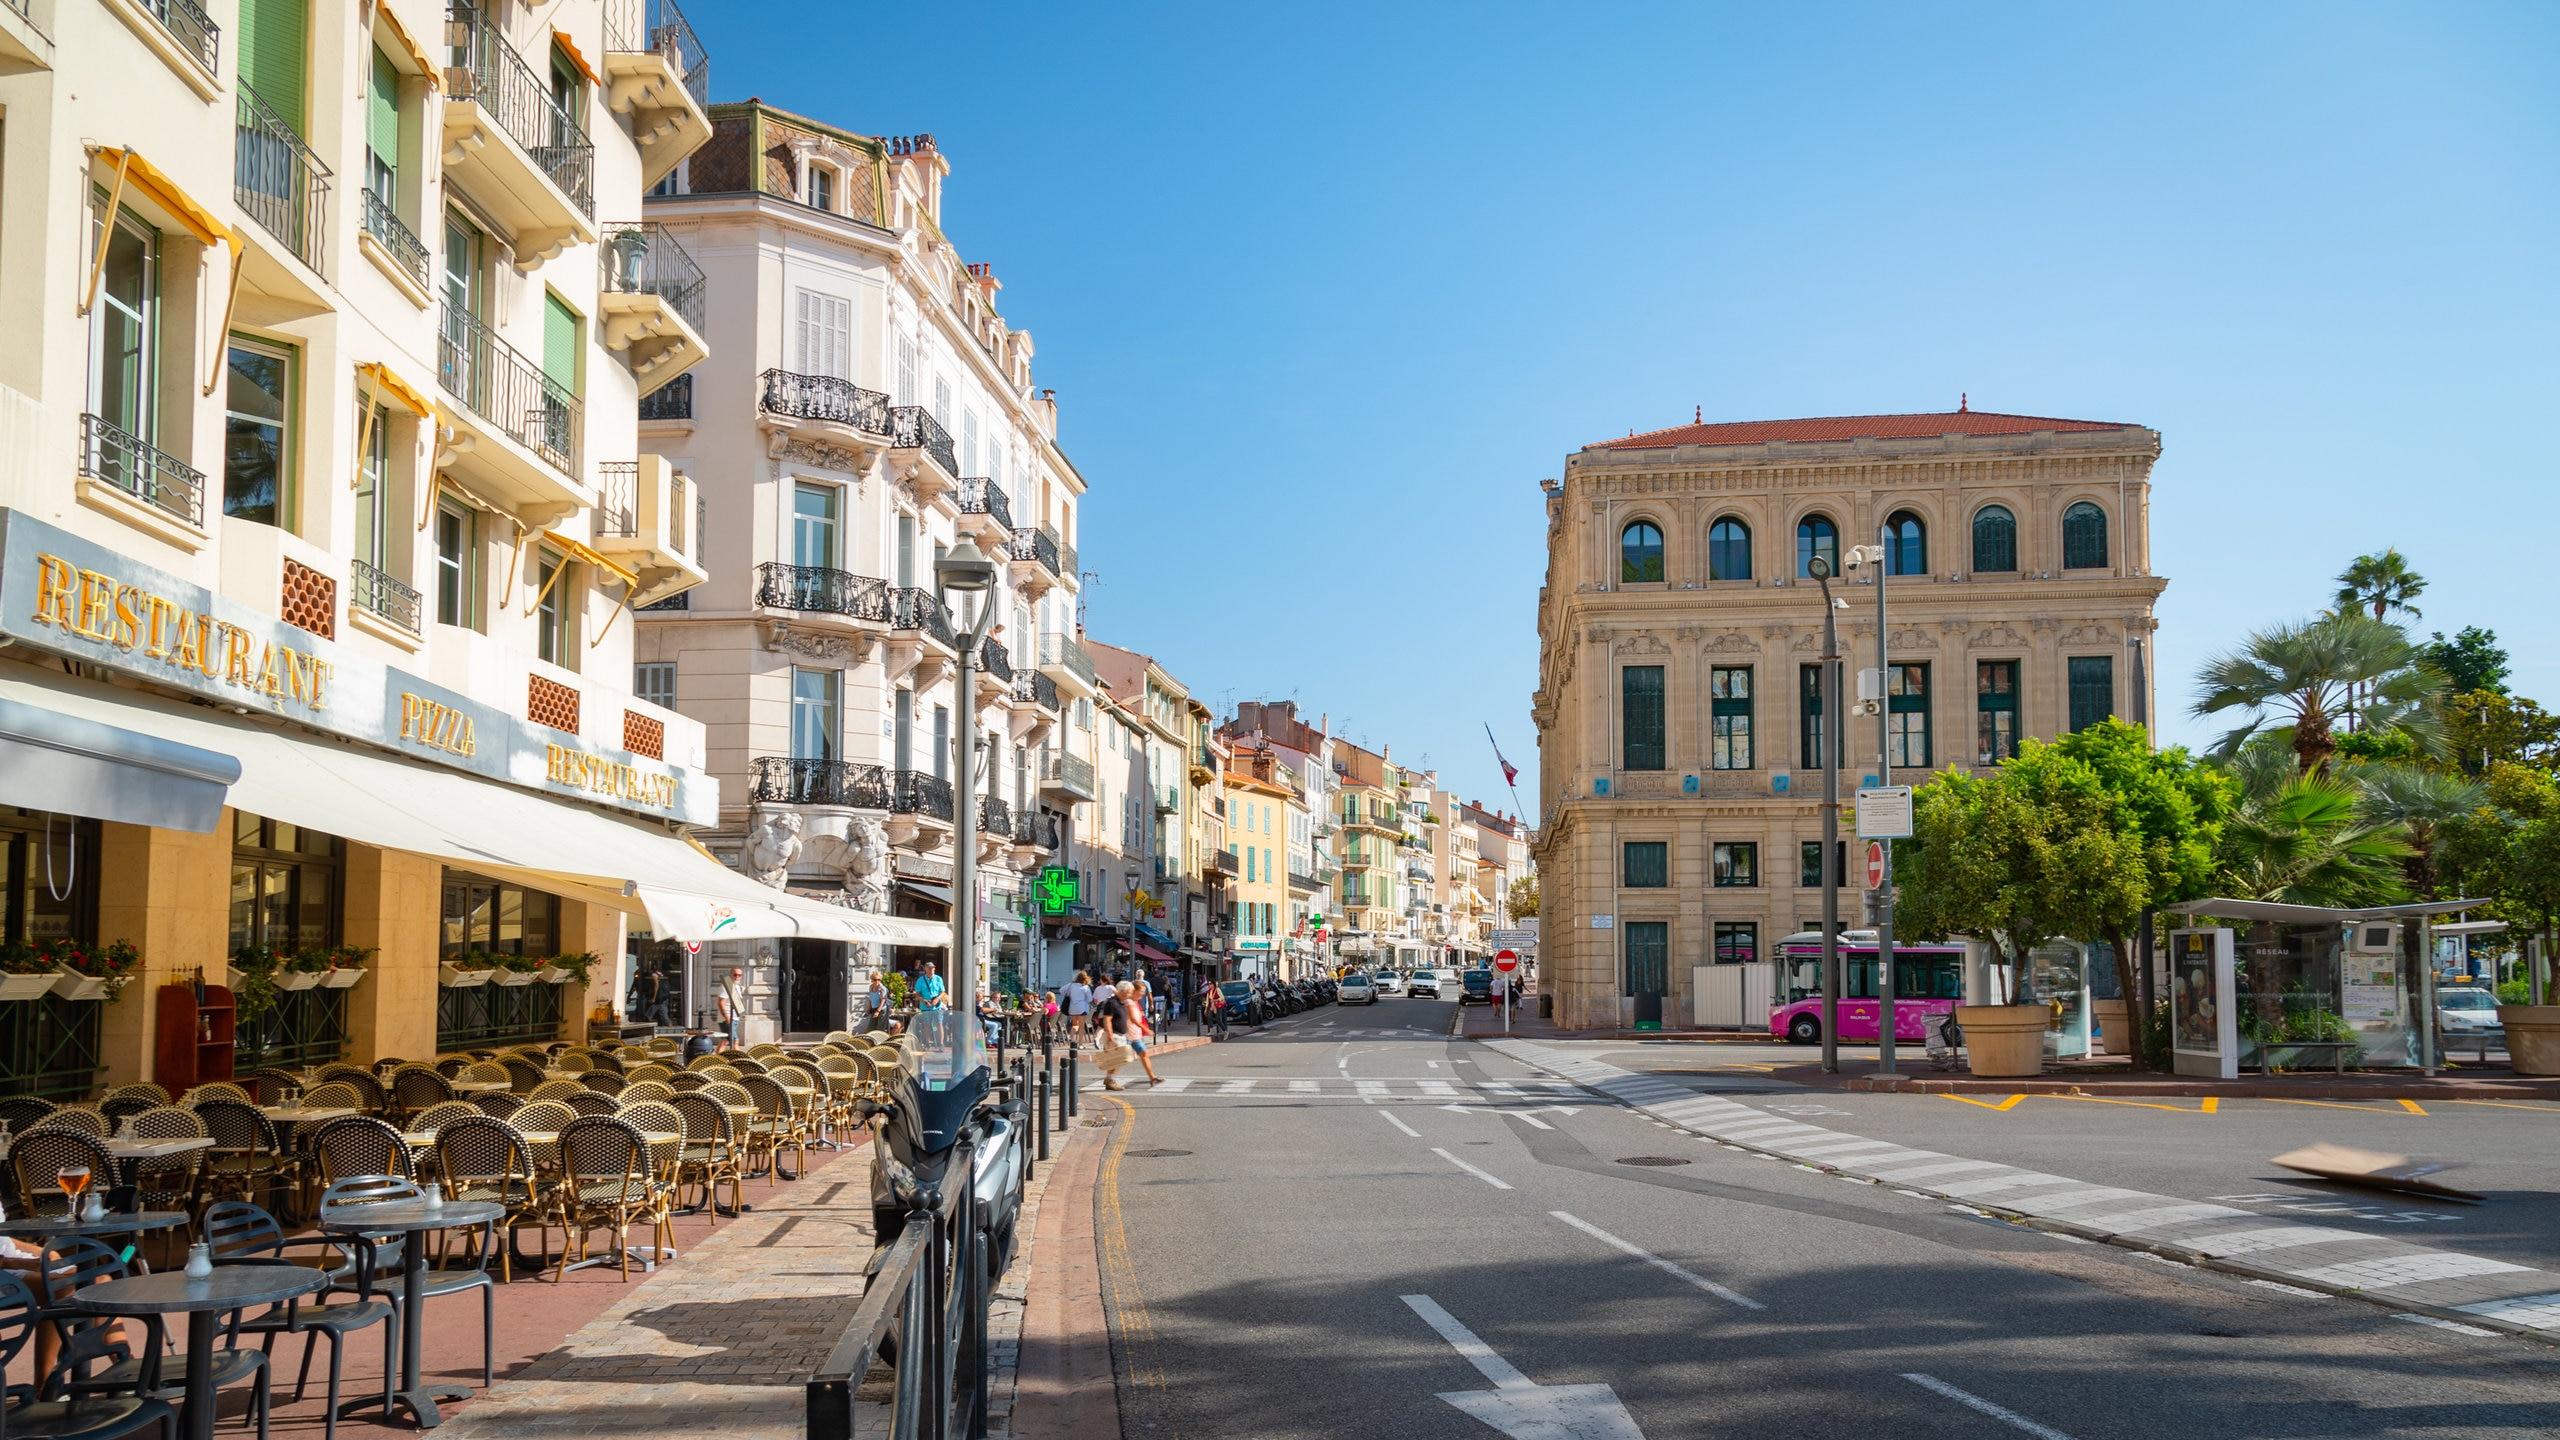 Le Suquet, Cannes, Alpes-Maritimes, France